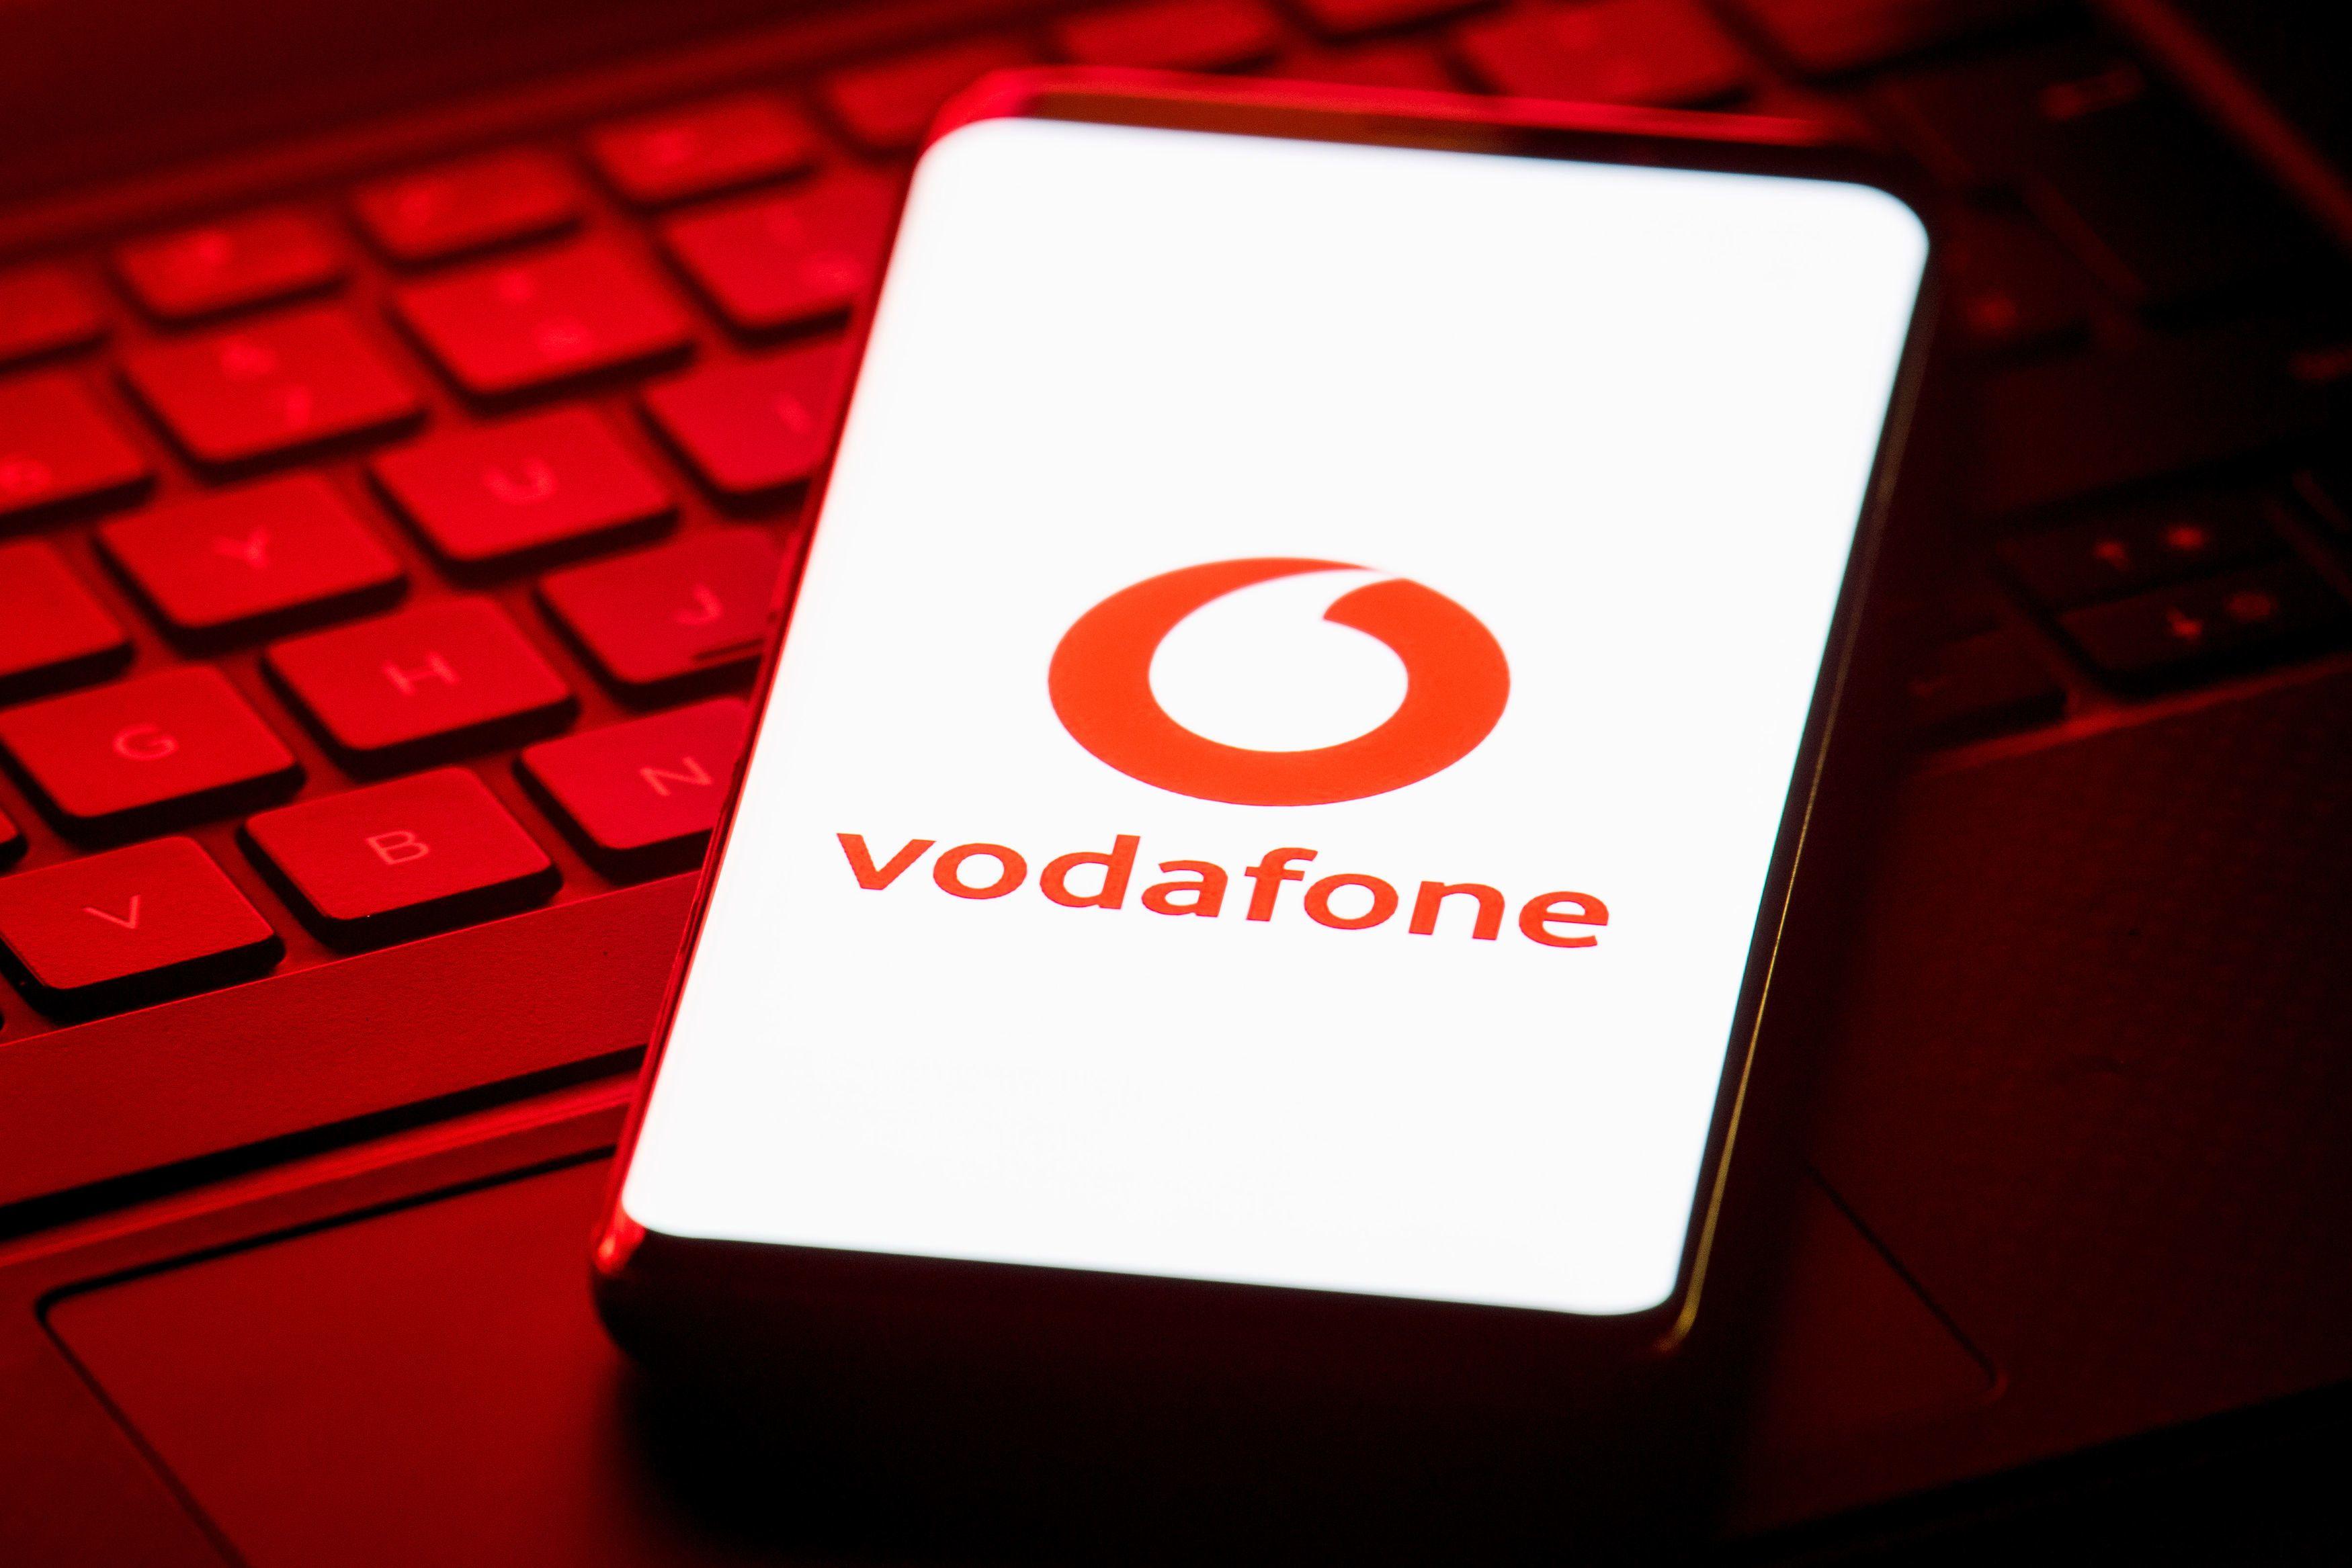 Vodafone's Sim-only deals start at £11 a month